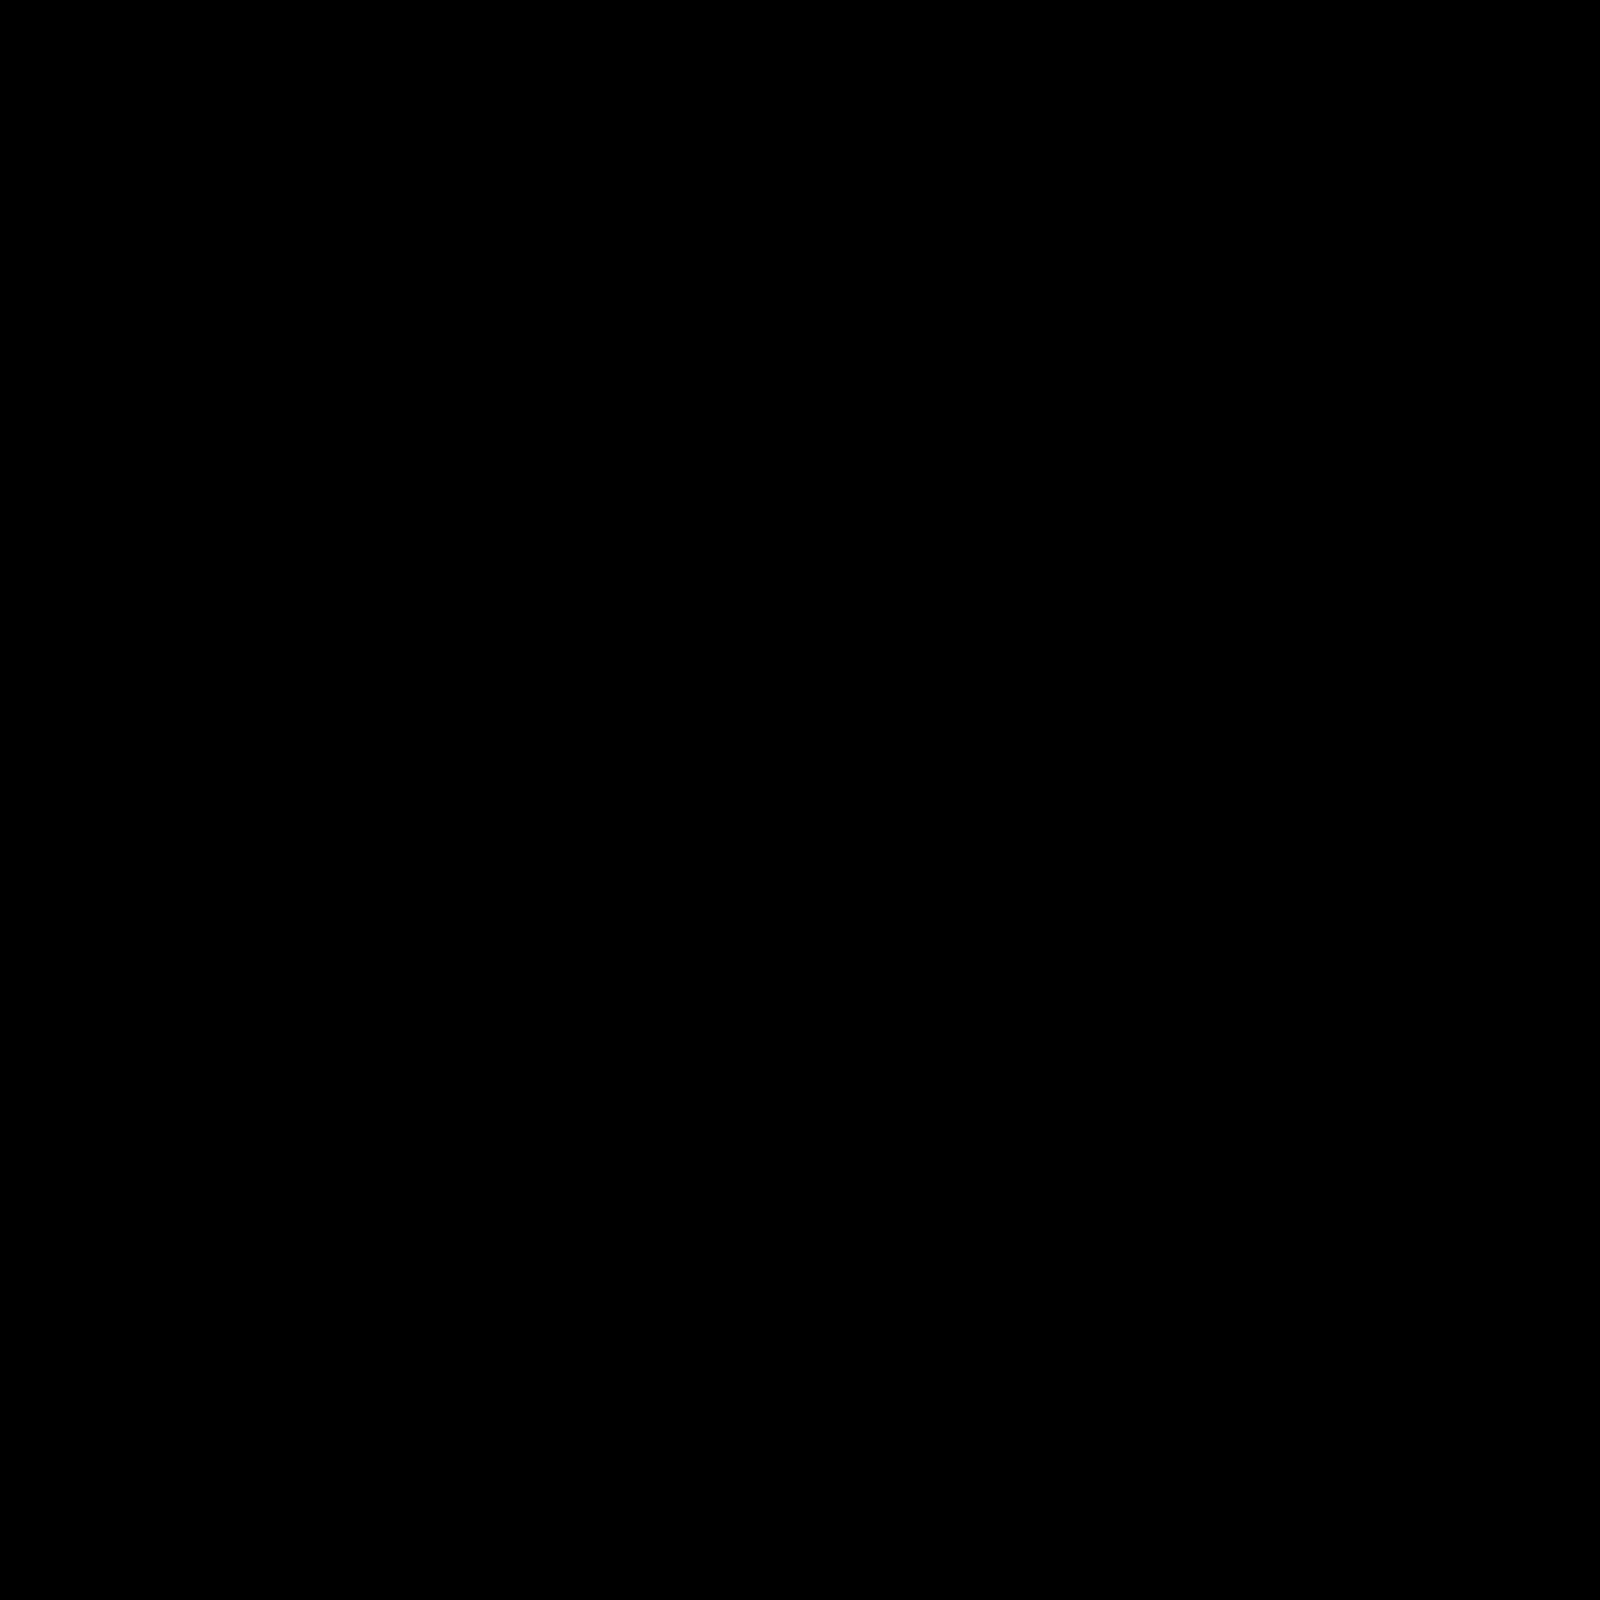 Королевская стража icon